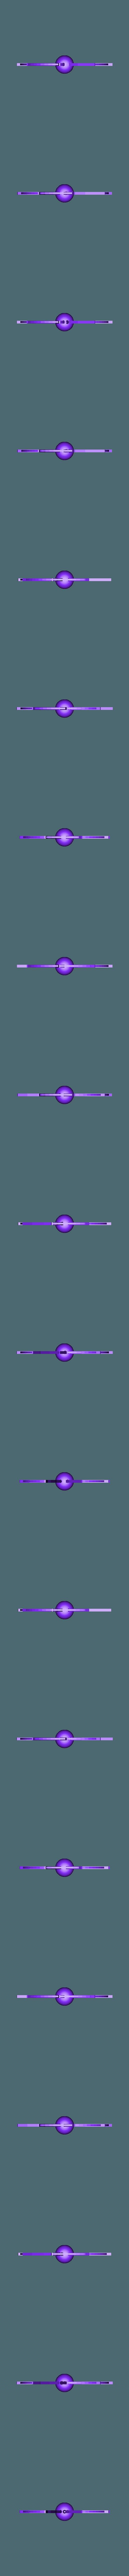 radiotower-top1.stl Télécharger fichier STL Radiotour de radiodiffusion • Plan pour impression 3D, syzguru11